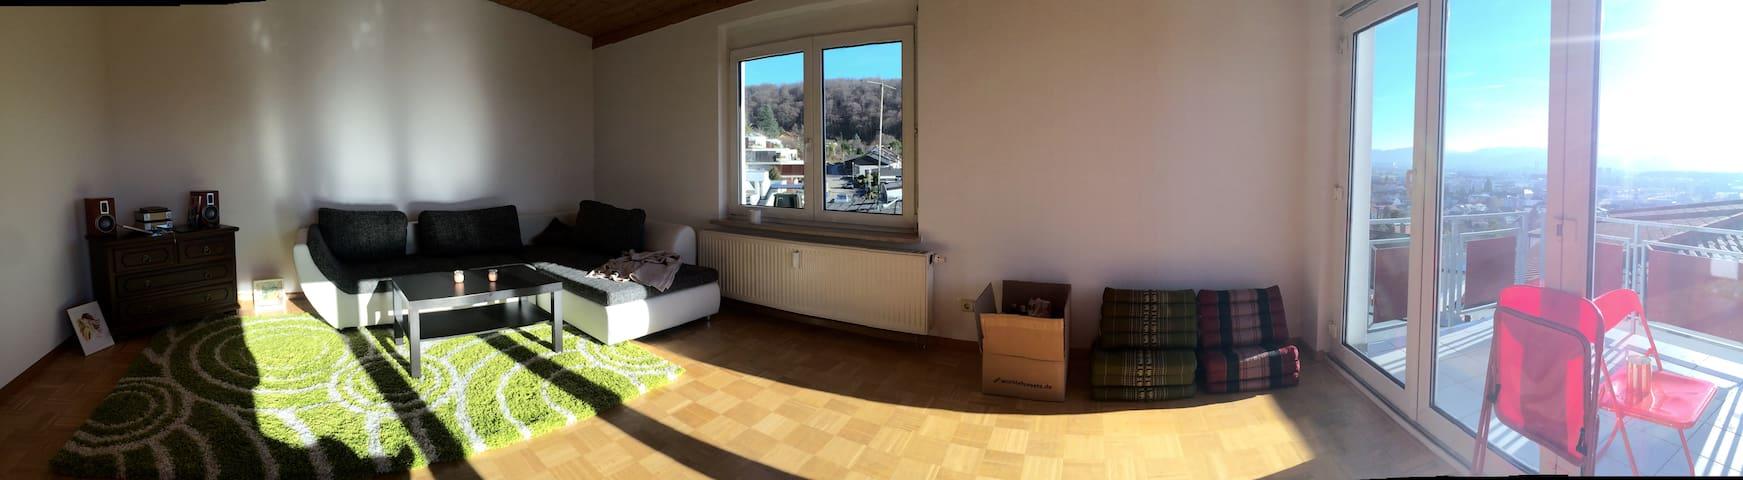 Schöne Wohnung,5 Minuten nach Basel - Grenzach-Wyhlen - Apartment